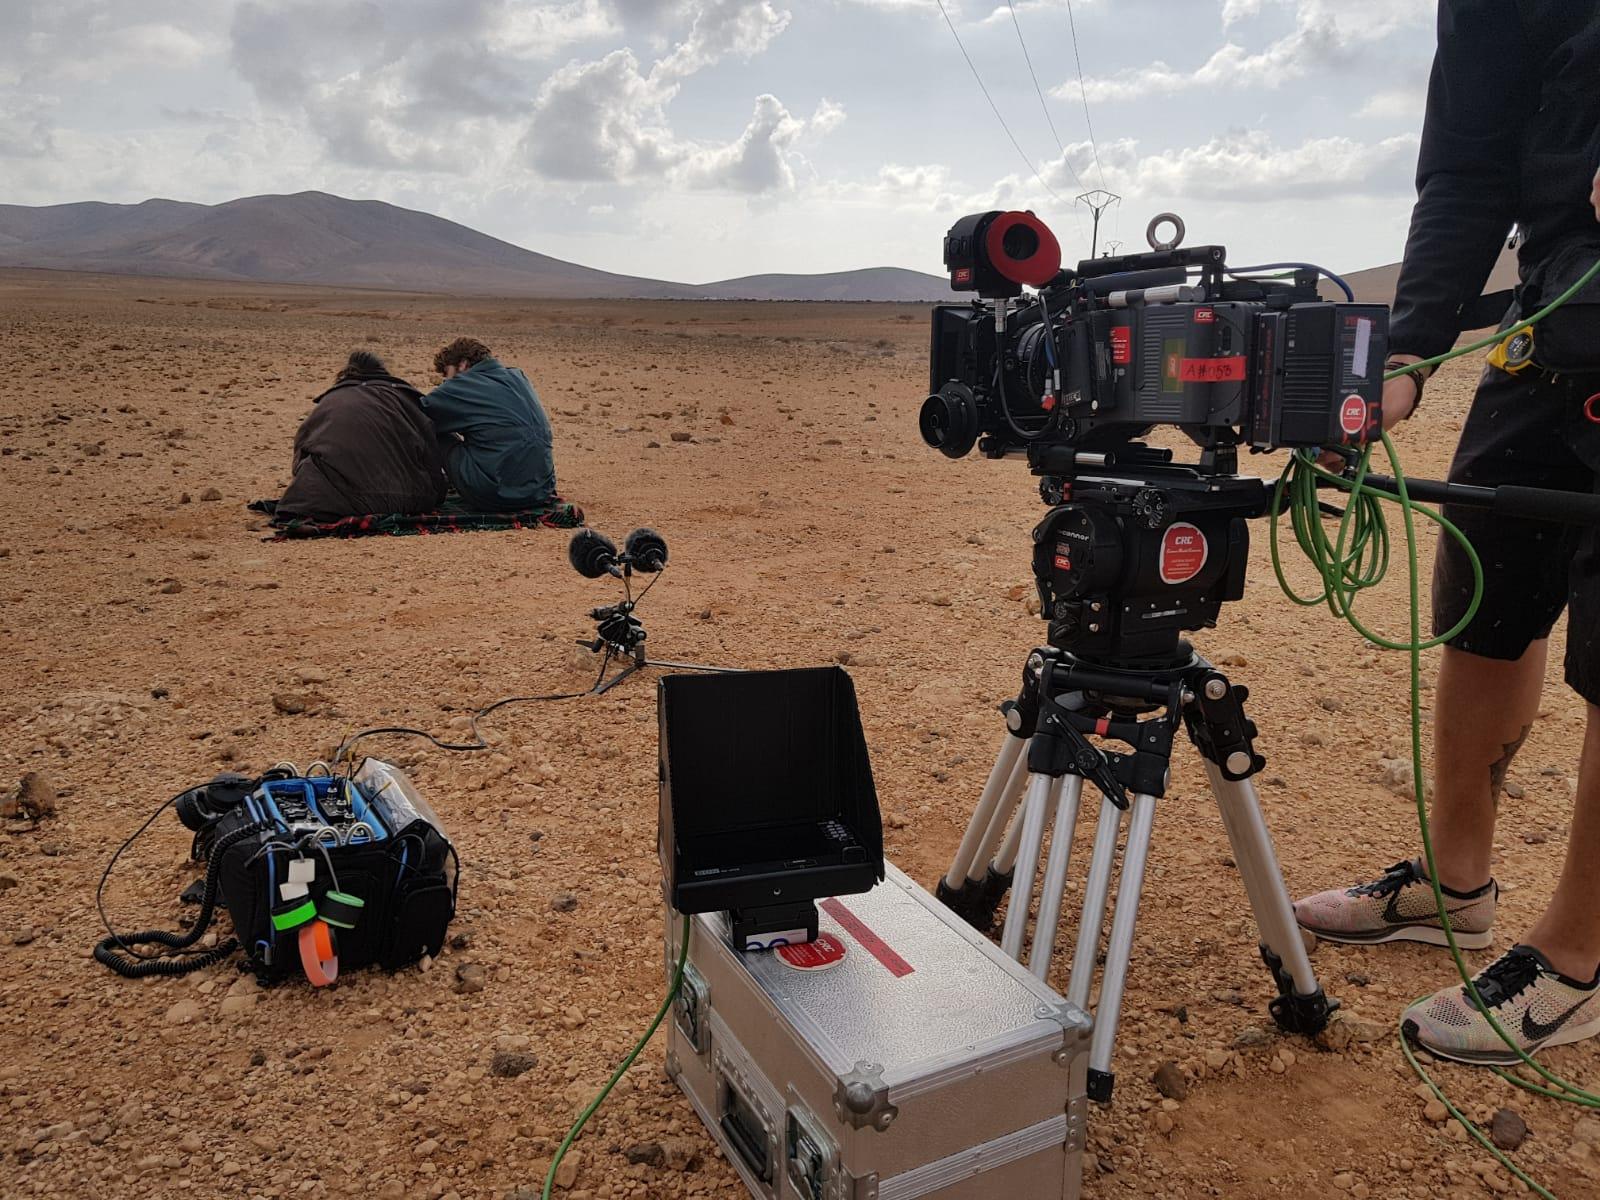 La resolución abarca largometrajes, series, cortos y proyectos en desarrollo